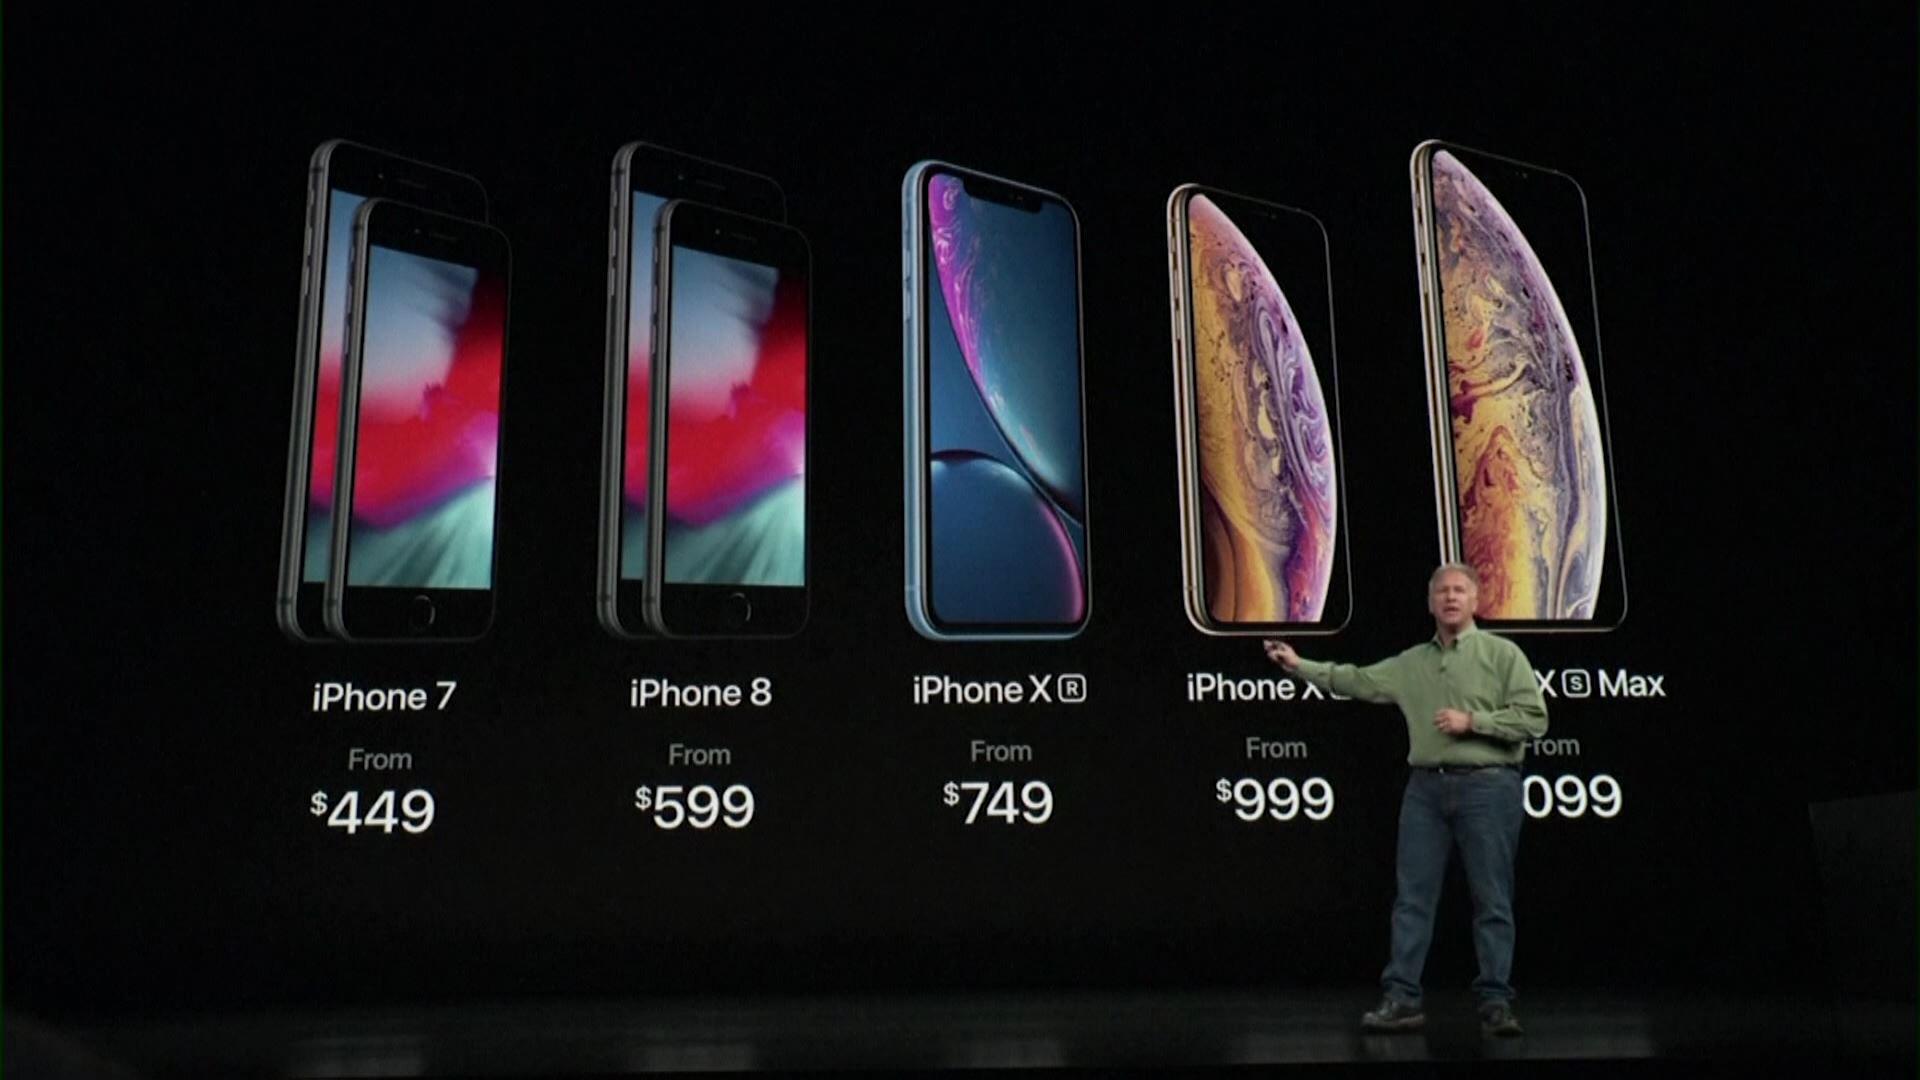 애플, 신형 아이폰 3종 공개…부품 수혜주 전망은?